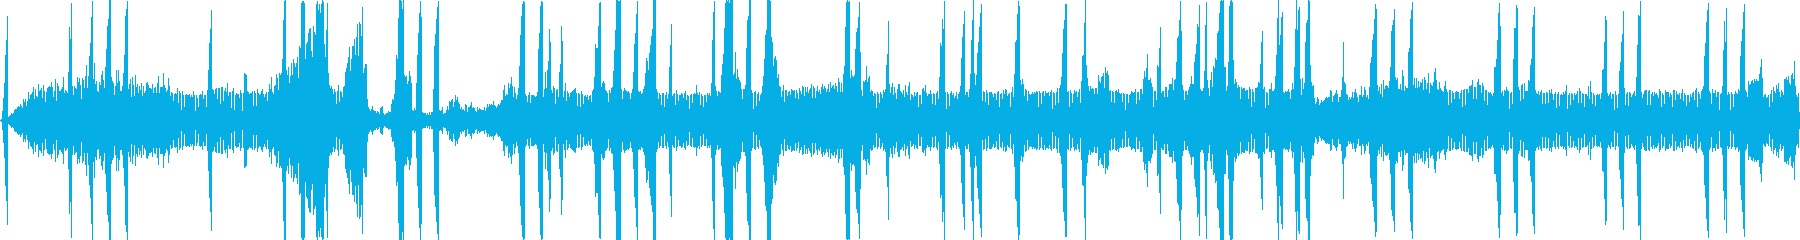 秋の夜長のような虫の鳴き声(コロコロ)の再生済みの波形